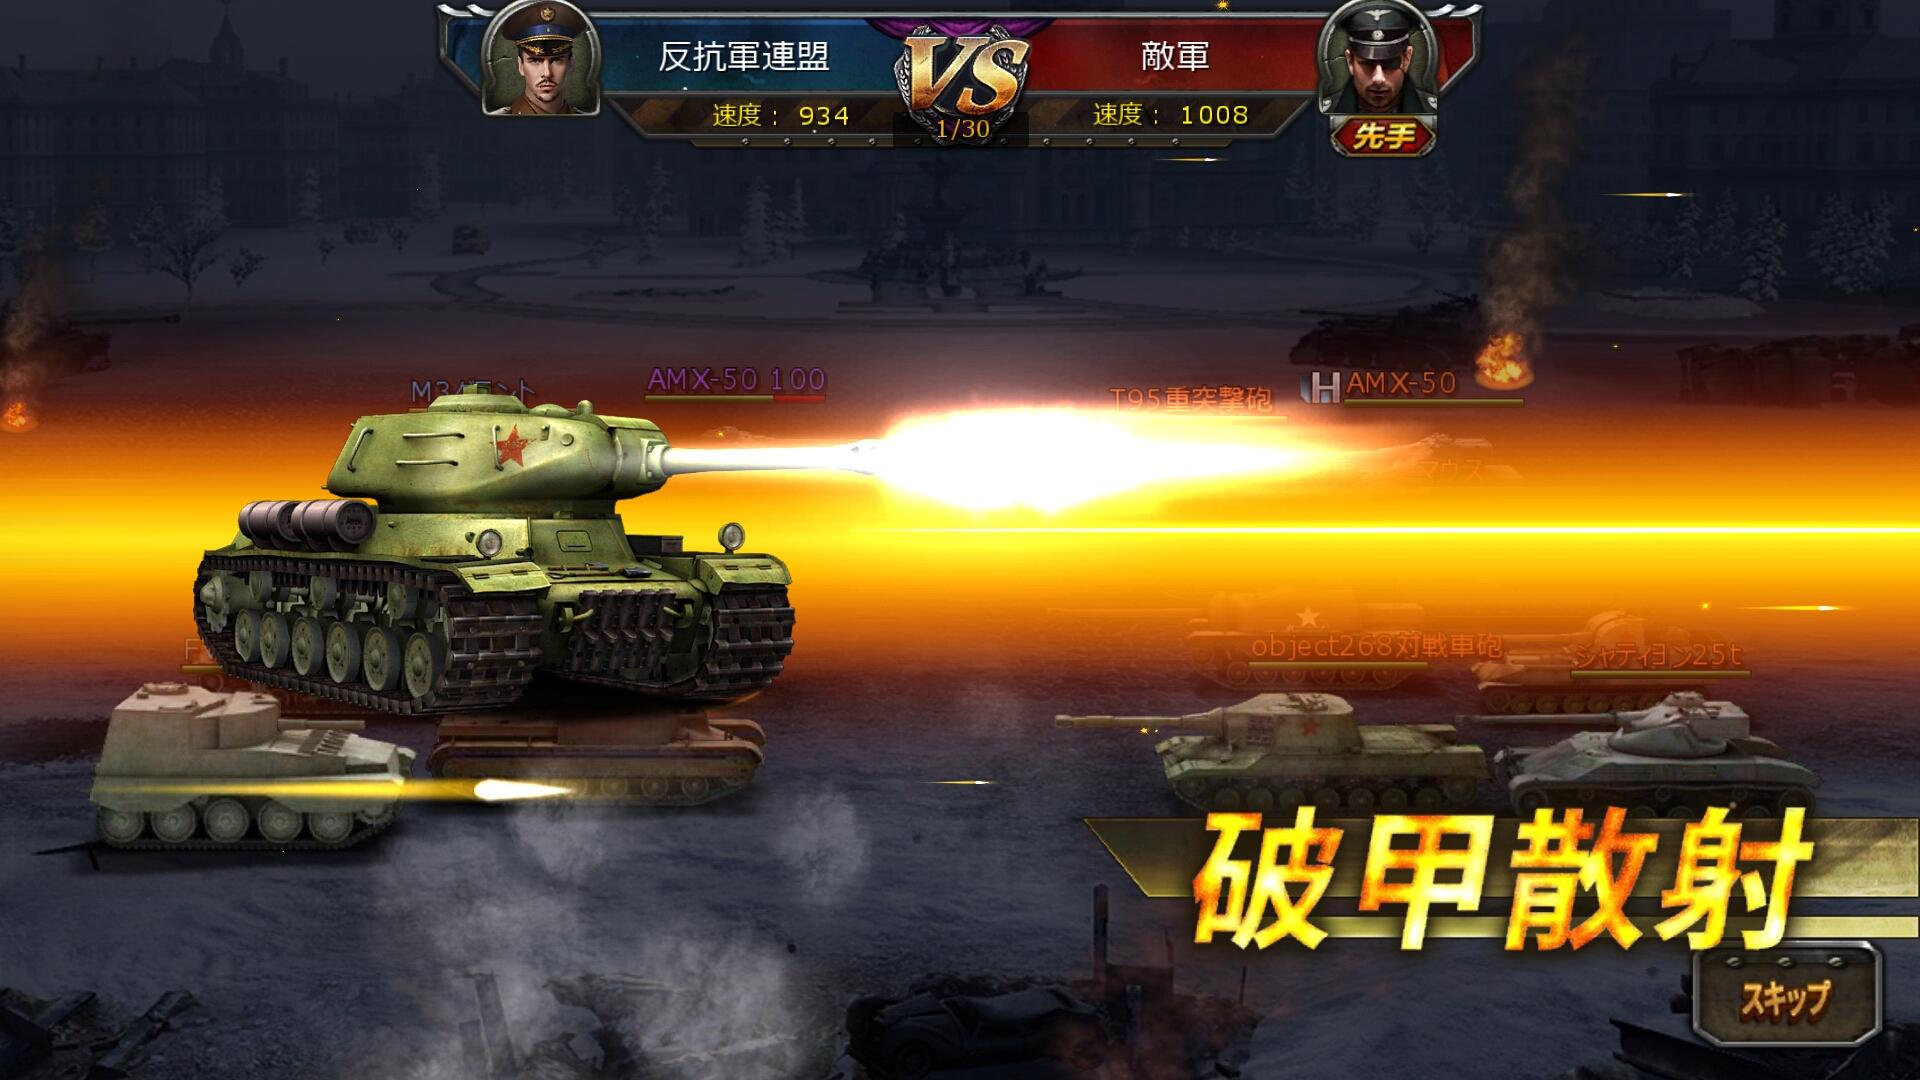 戦車帝国 プレイ画像